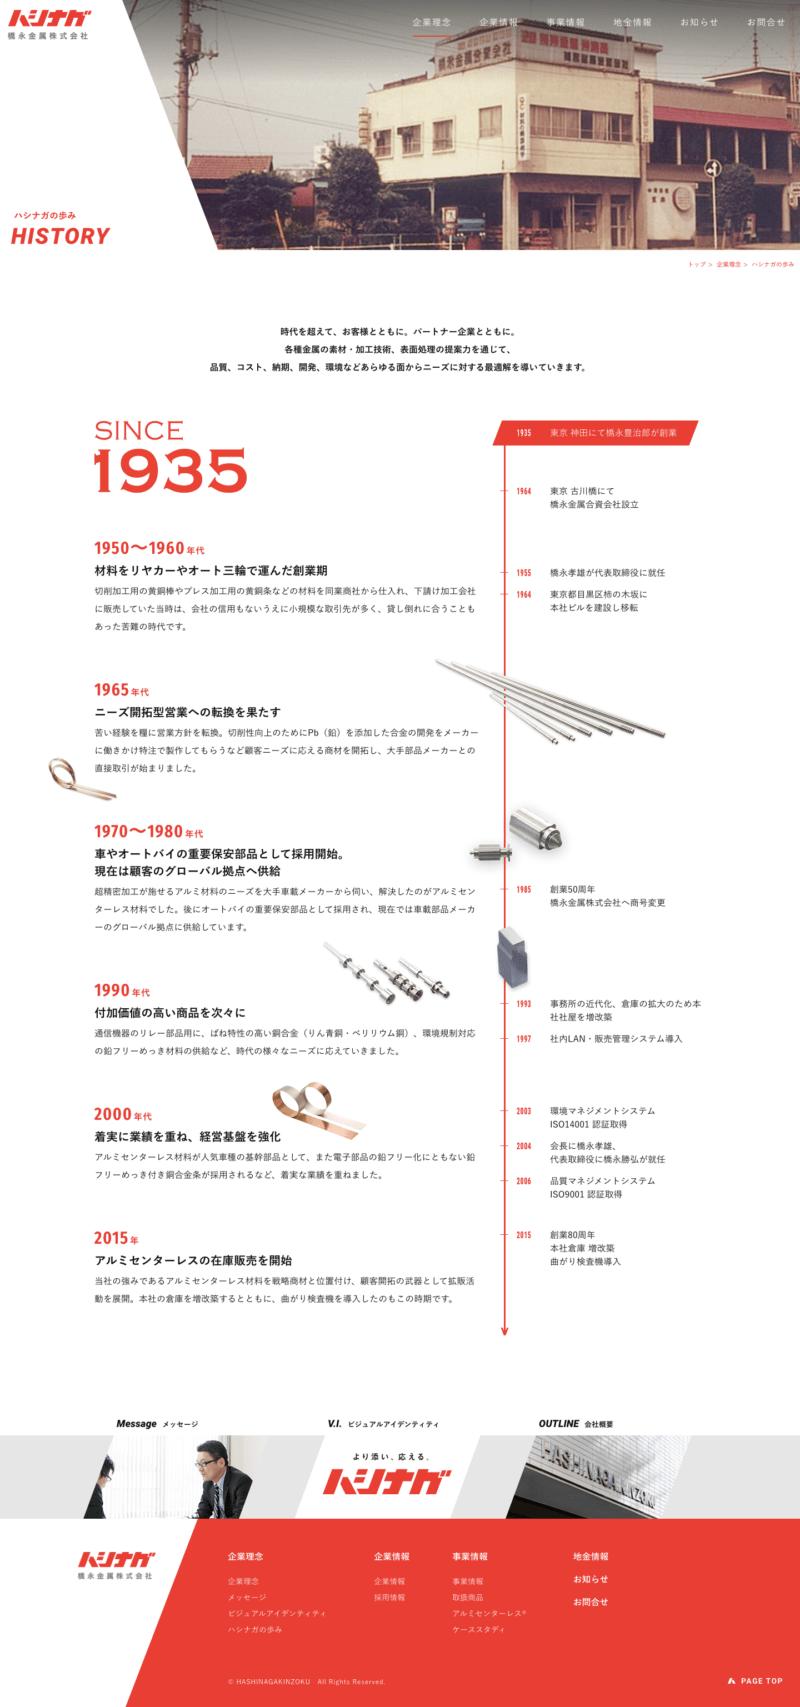 橋永金属株式会社様コーポレートサイト「History」ページ